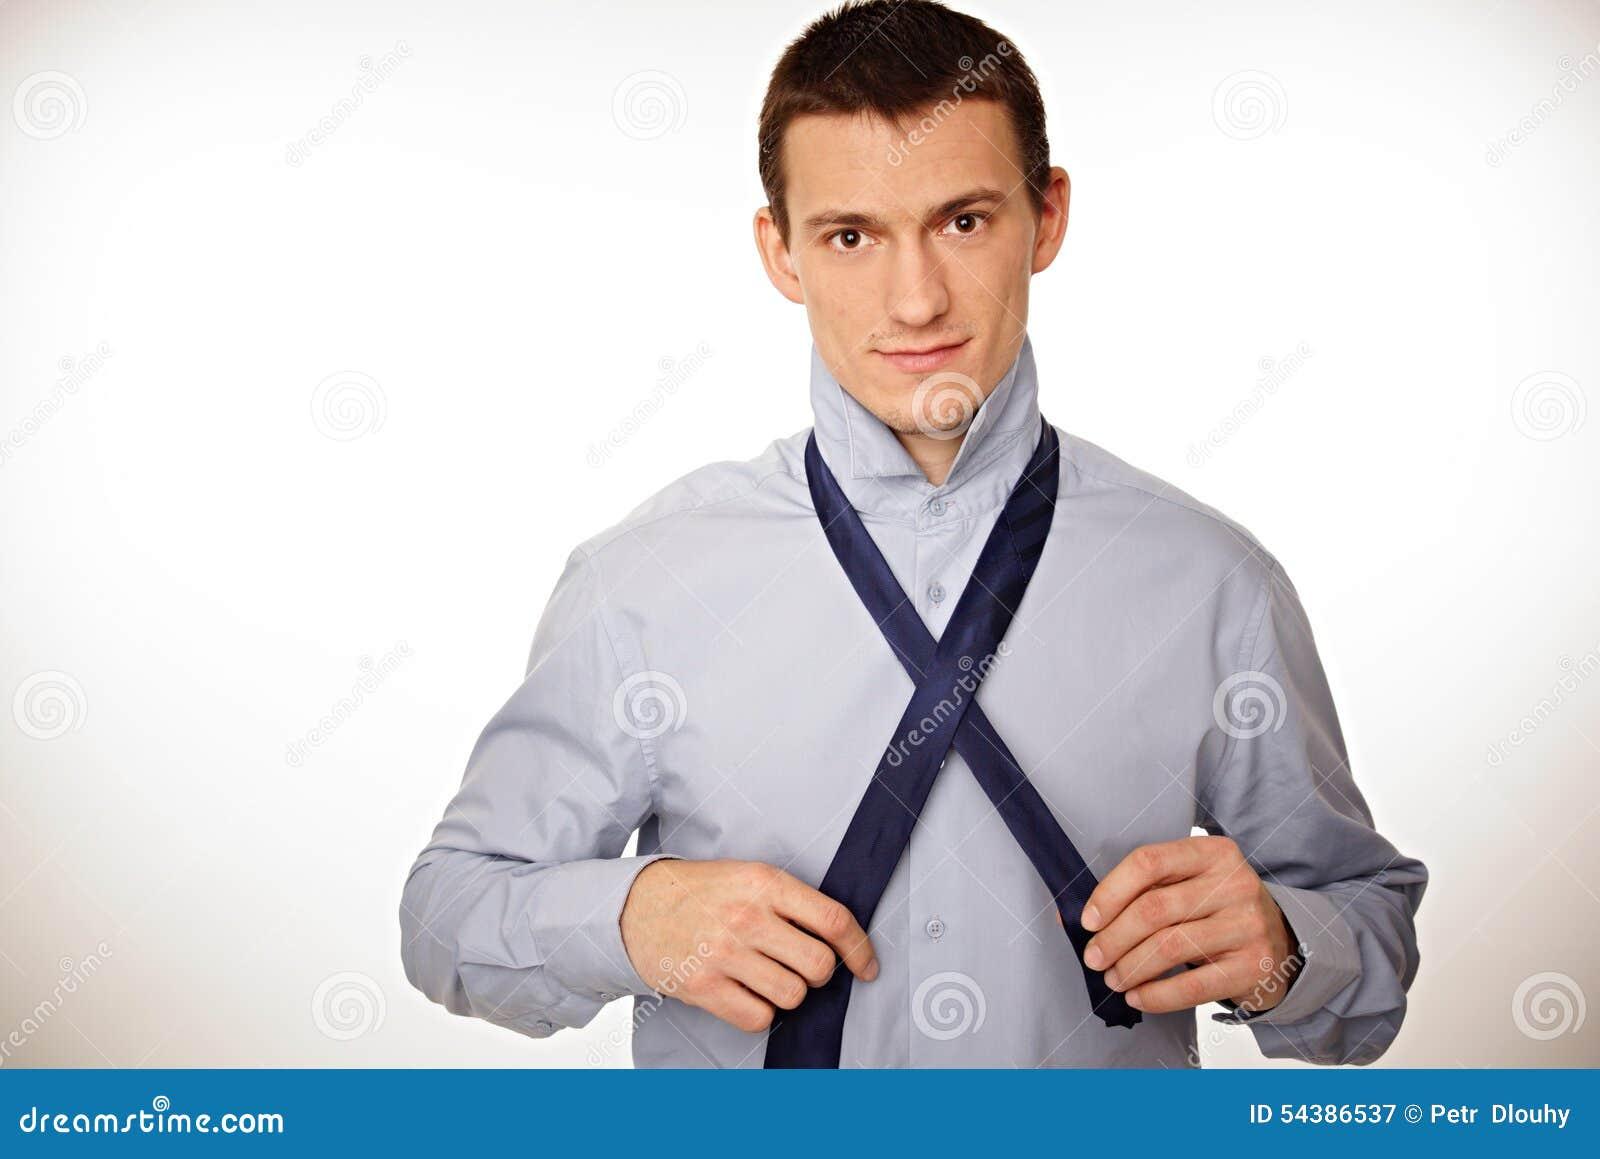 Businessman adjusts a tie